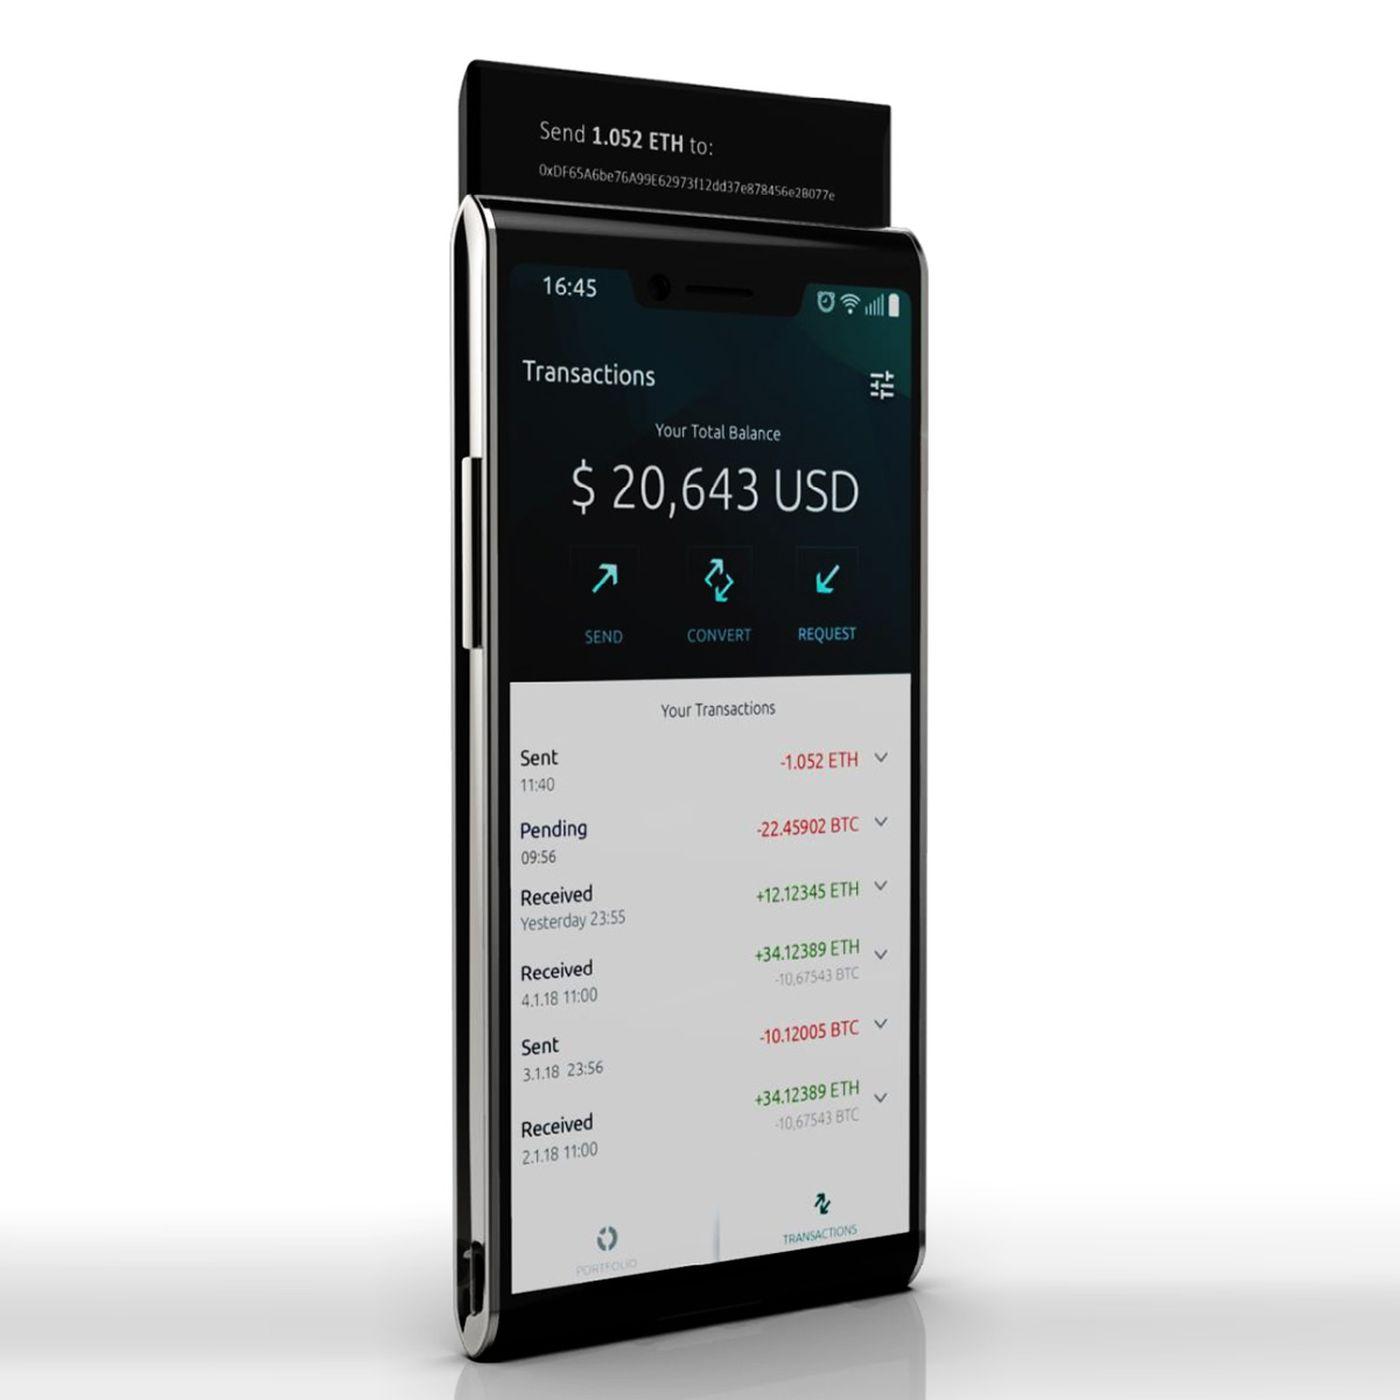 Вот что объединяет криптосмартфон Finney, компанию Foxconn и производителя смартфонов Huawei